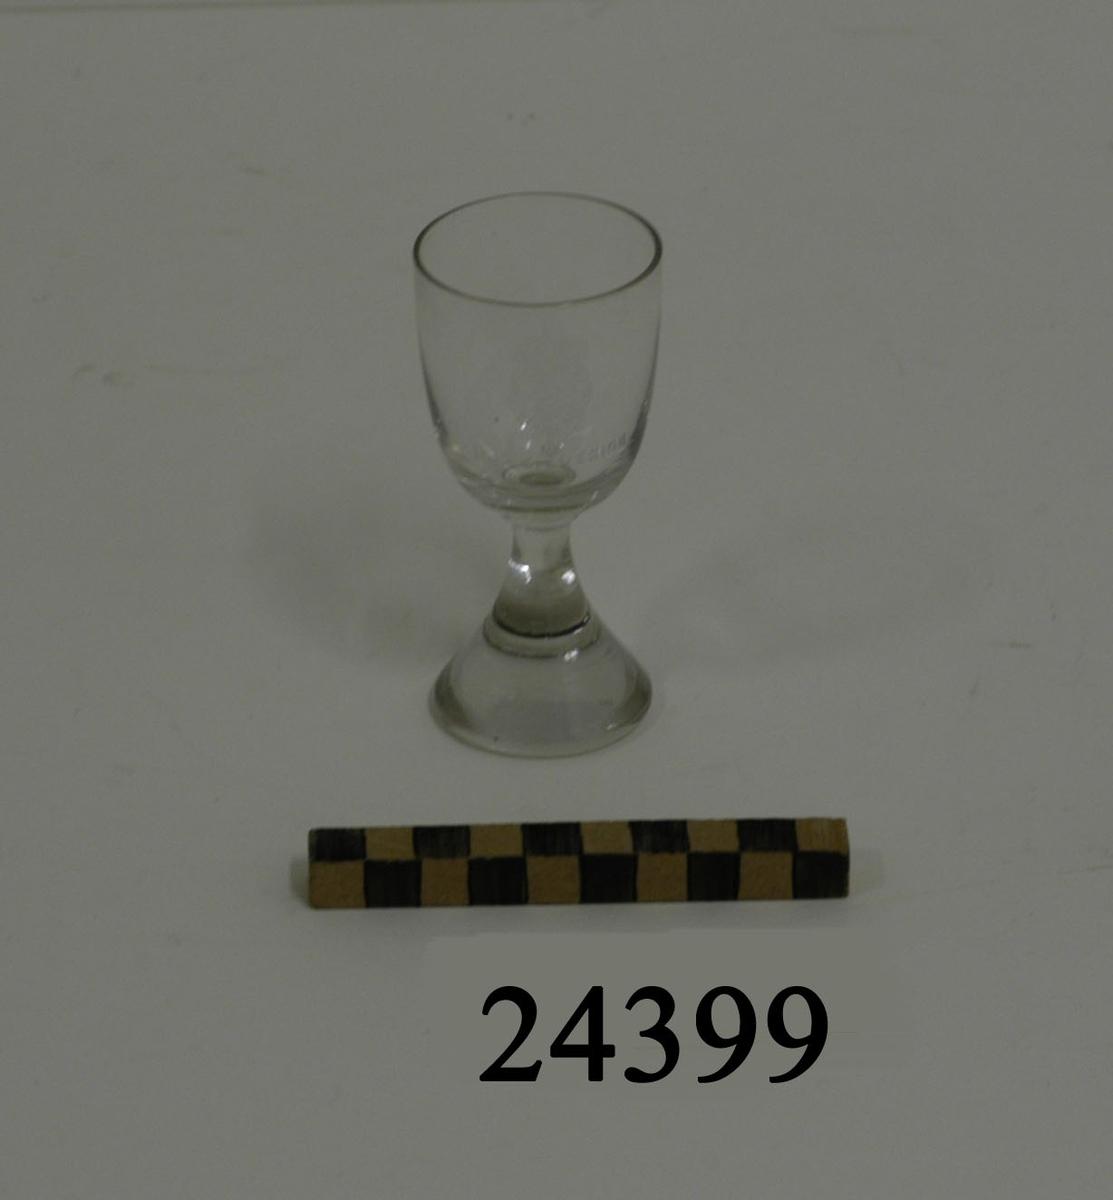 """Sherryglas bestående av smal cylindrisk kupa och konformad massiv fot. Mitt på kupan graverad dekor: lilla riksvapnet omgivet av koldinerorden. Därunder text: """" H.M.S. SVERIGE """" Diameter: 45 mm, glaset  D = 42 mm, fot"""